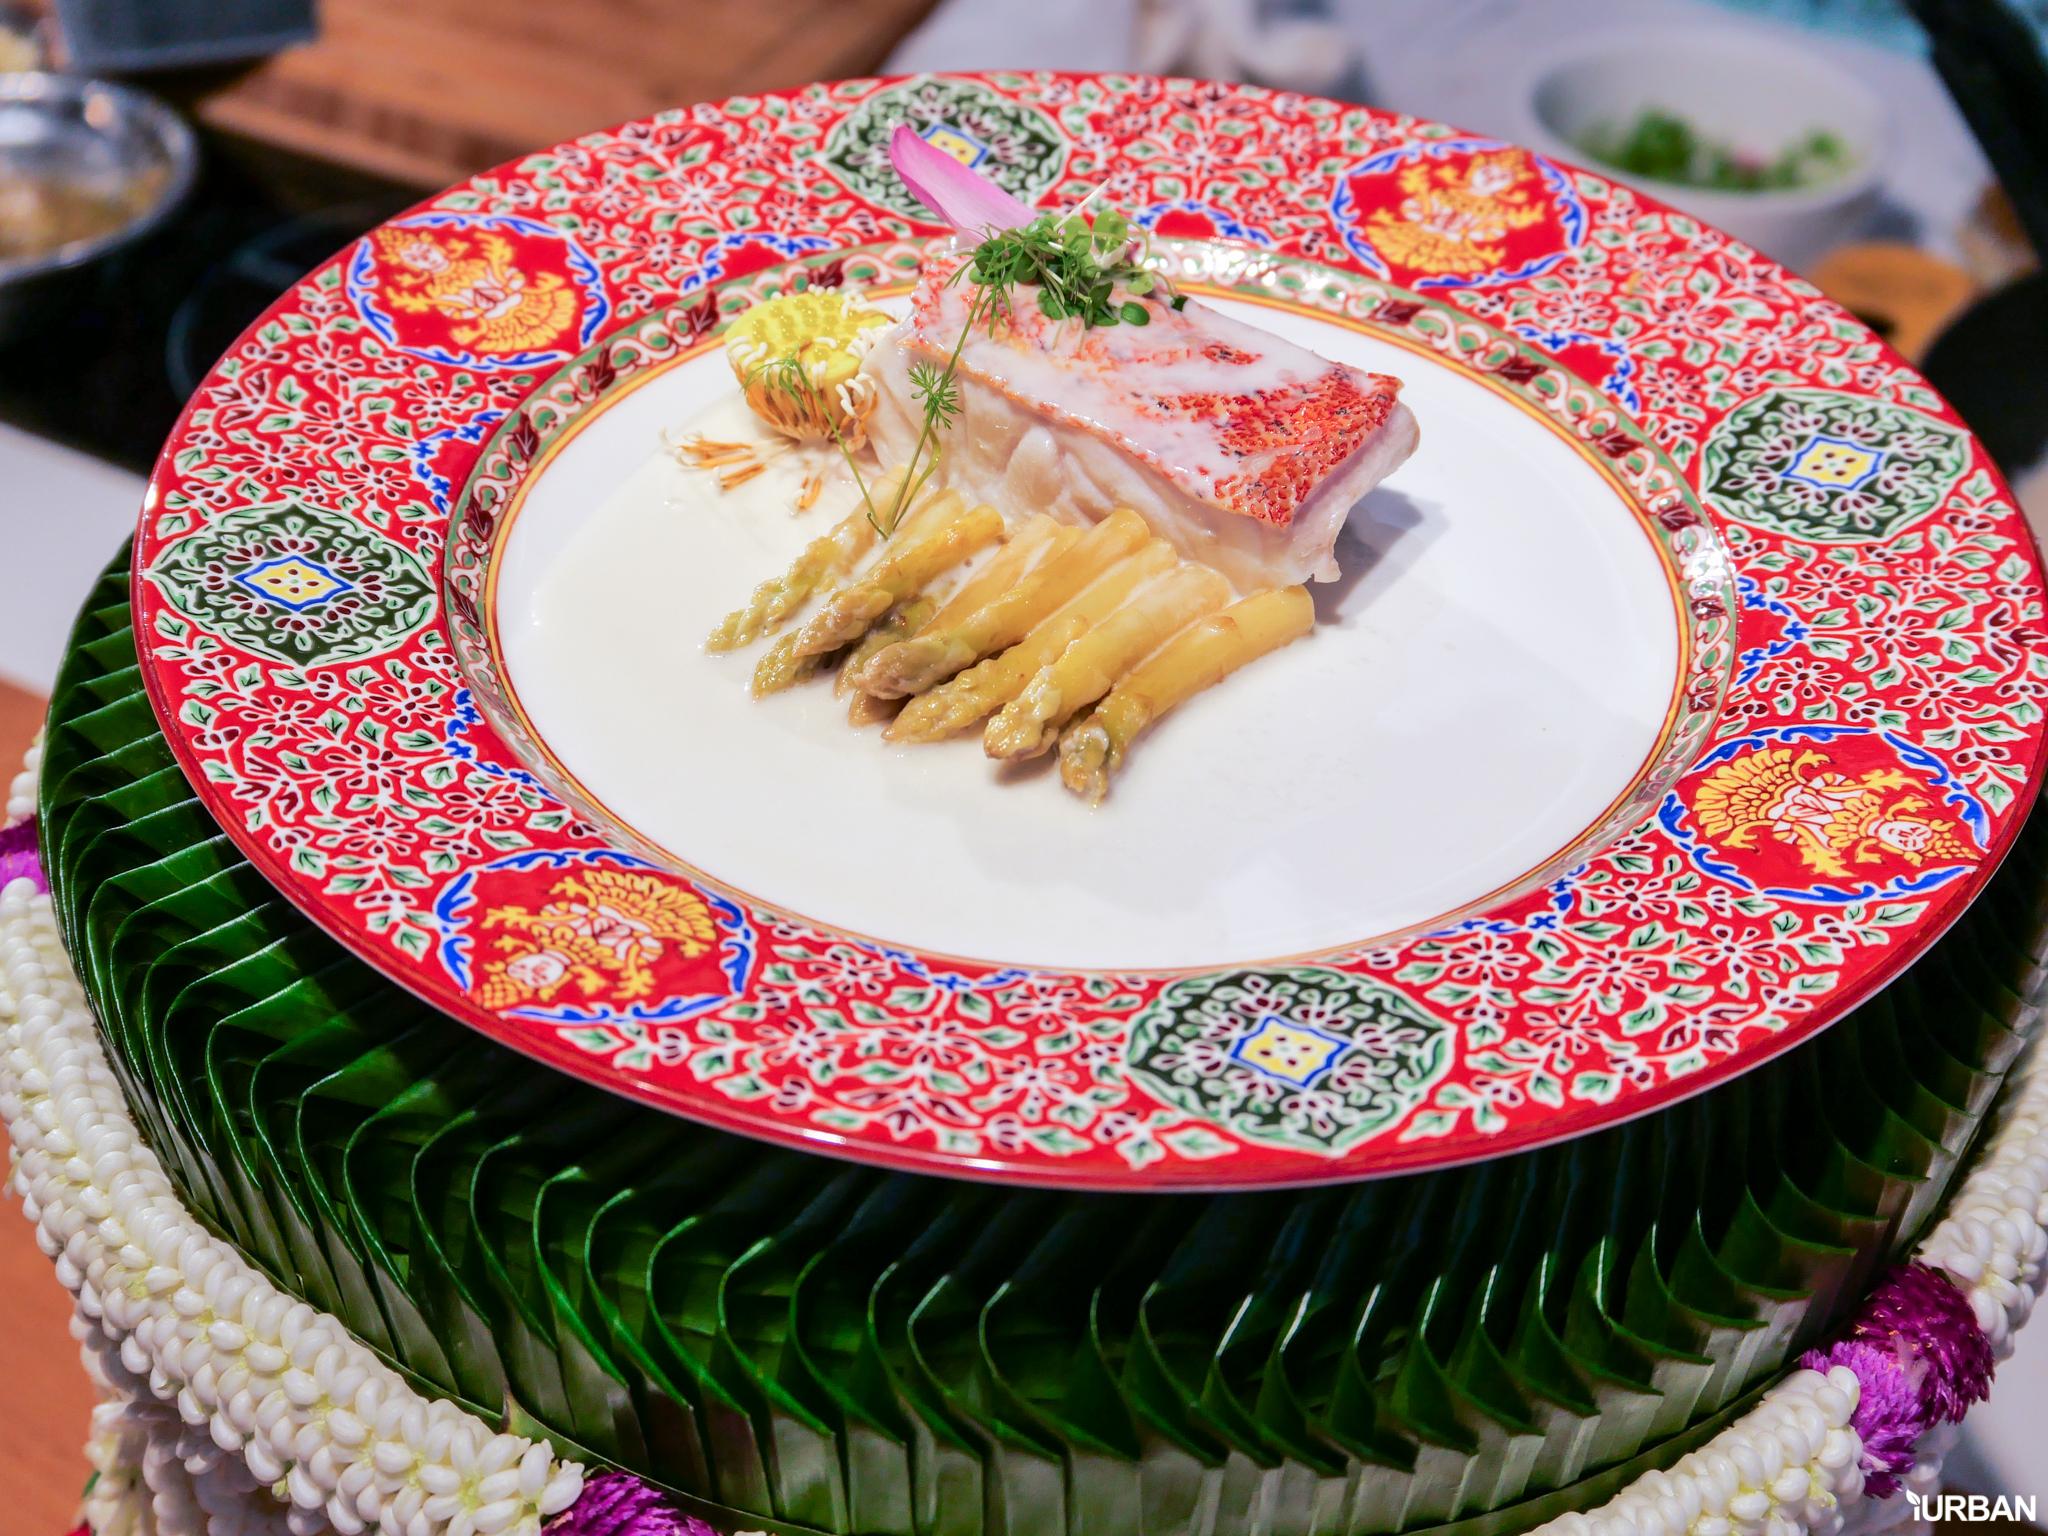 """สร้างช่วงเวลาสุดพิเศษไปกับ """"Sansiri Chef Your Table"""" ที่ให้คุณได้ลิ้มรสอาหารฝีมือเชฟระดับประเทศถึงบ้านคุณ! 51 - Chef"""